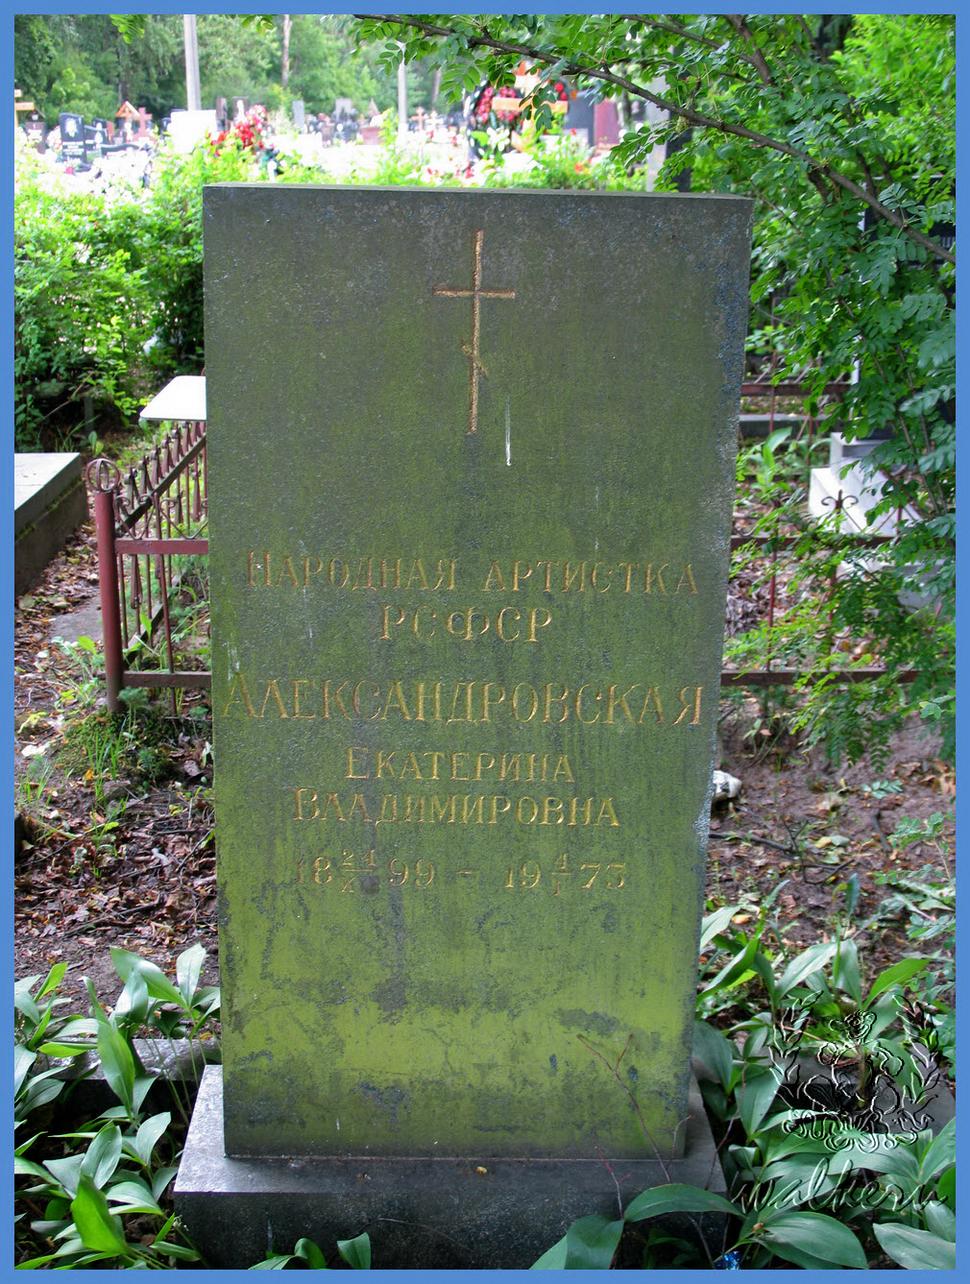 Могила Александровской Е.В. на Богословском кладбище